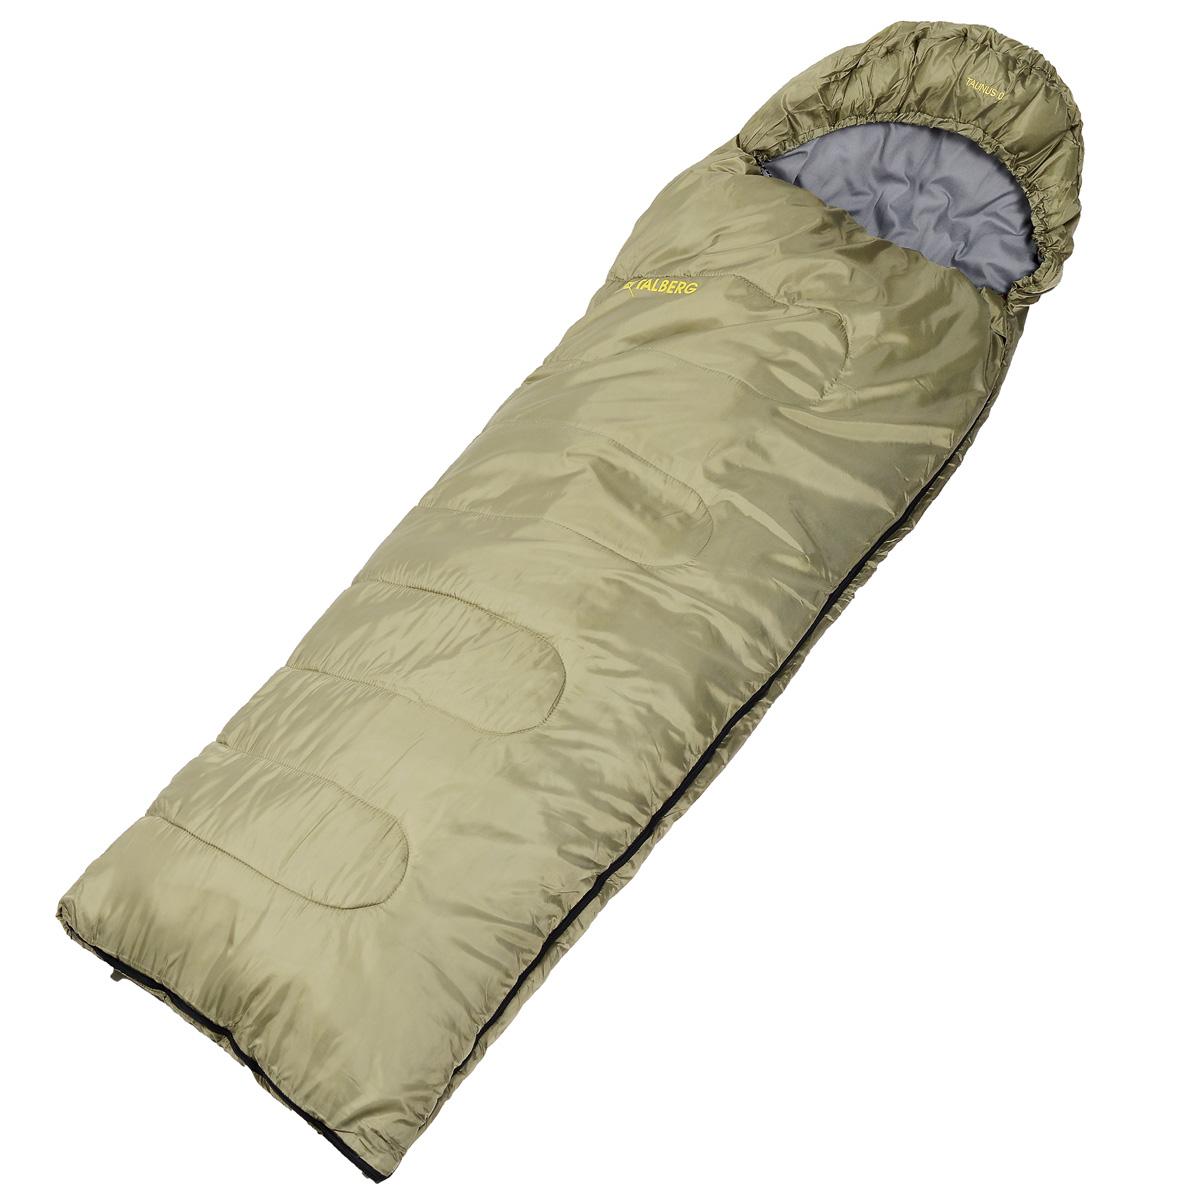 Спальный мешок-одеяло Talberg Taunus, левосторонняя молнияУТ-000055172Спальник-одеяло Talberg Taunus с подголовником довольно легкий, рассчитан на теплое время года. Внутренняя ткань этого спальника - поликоттон, т.е. хлопок с привнесением синтетики. Поликоттон легче и практичнее 100% хлопка.Наружная ткань: полиэстер RipStop 210T. Внутренняя ткань: полиэстер 80%, хлопок 20%. Утеплитель: 1x350 g/m2, Hollofibersilicon.